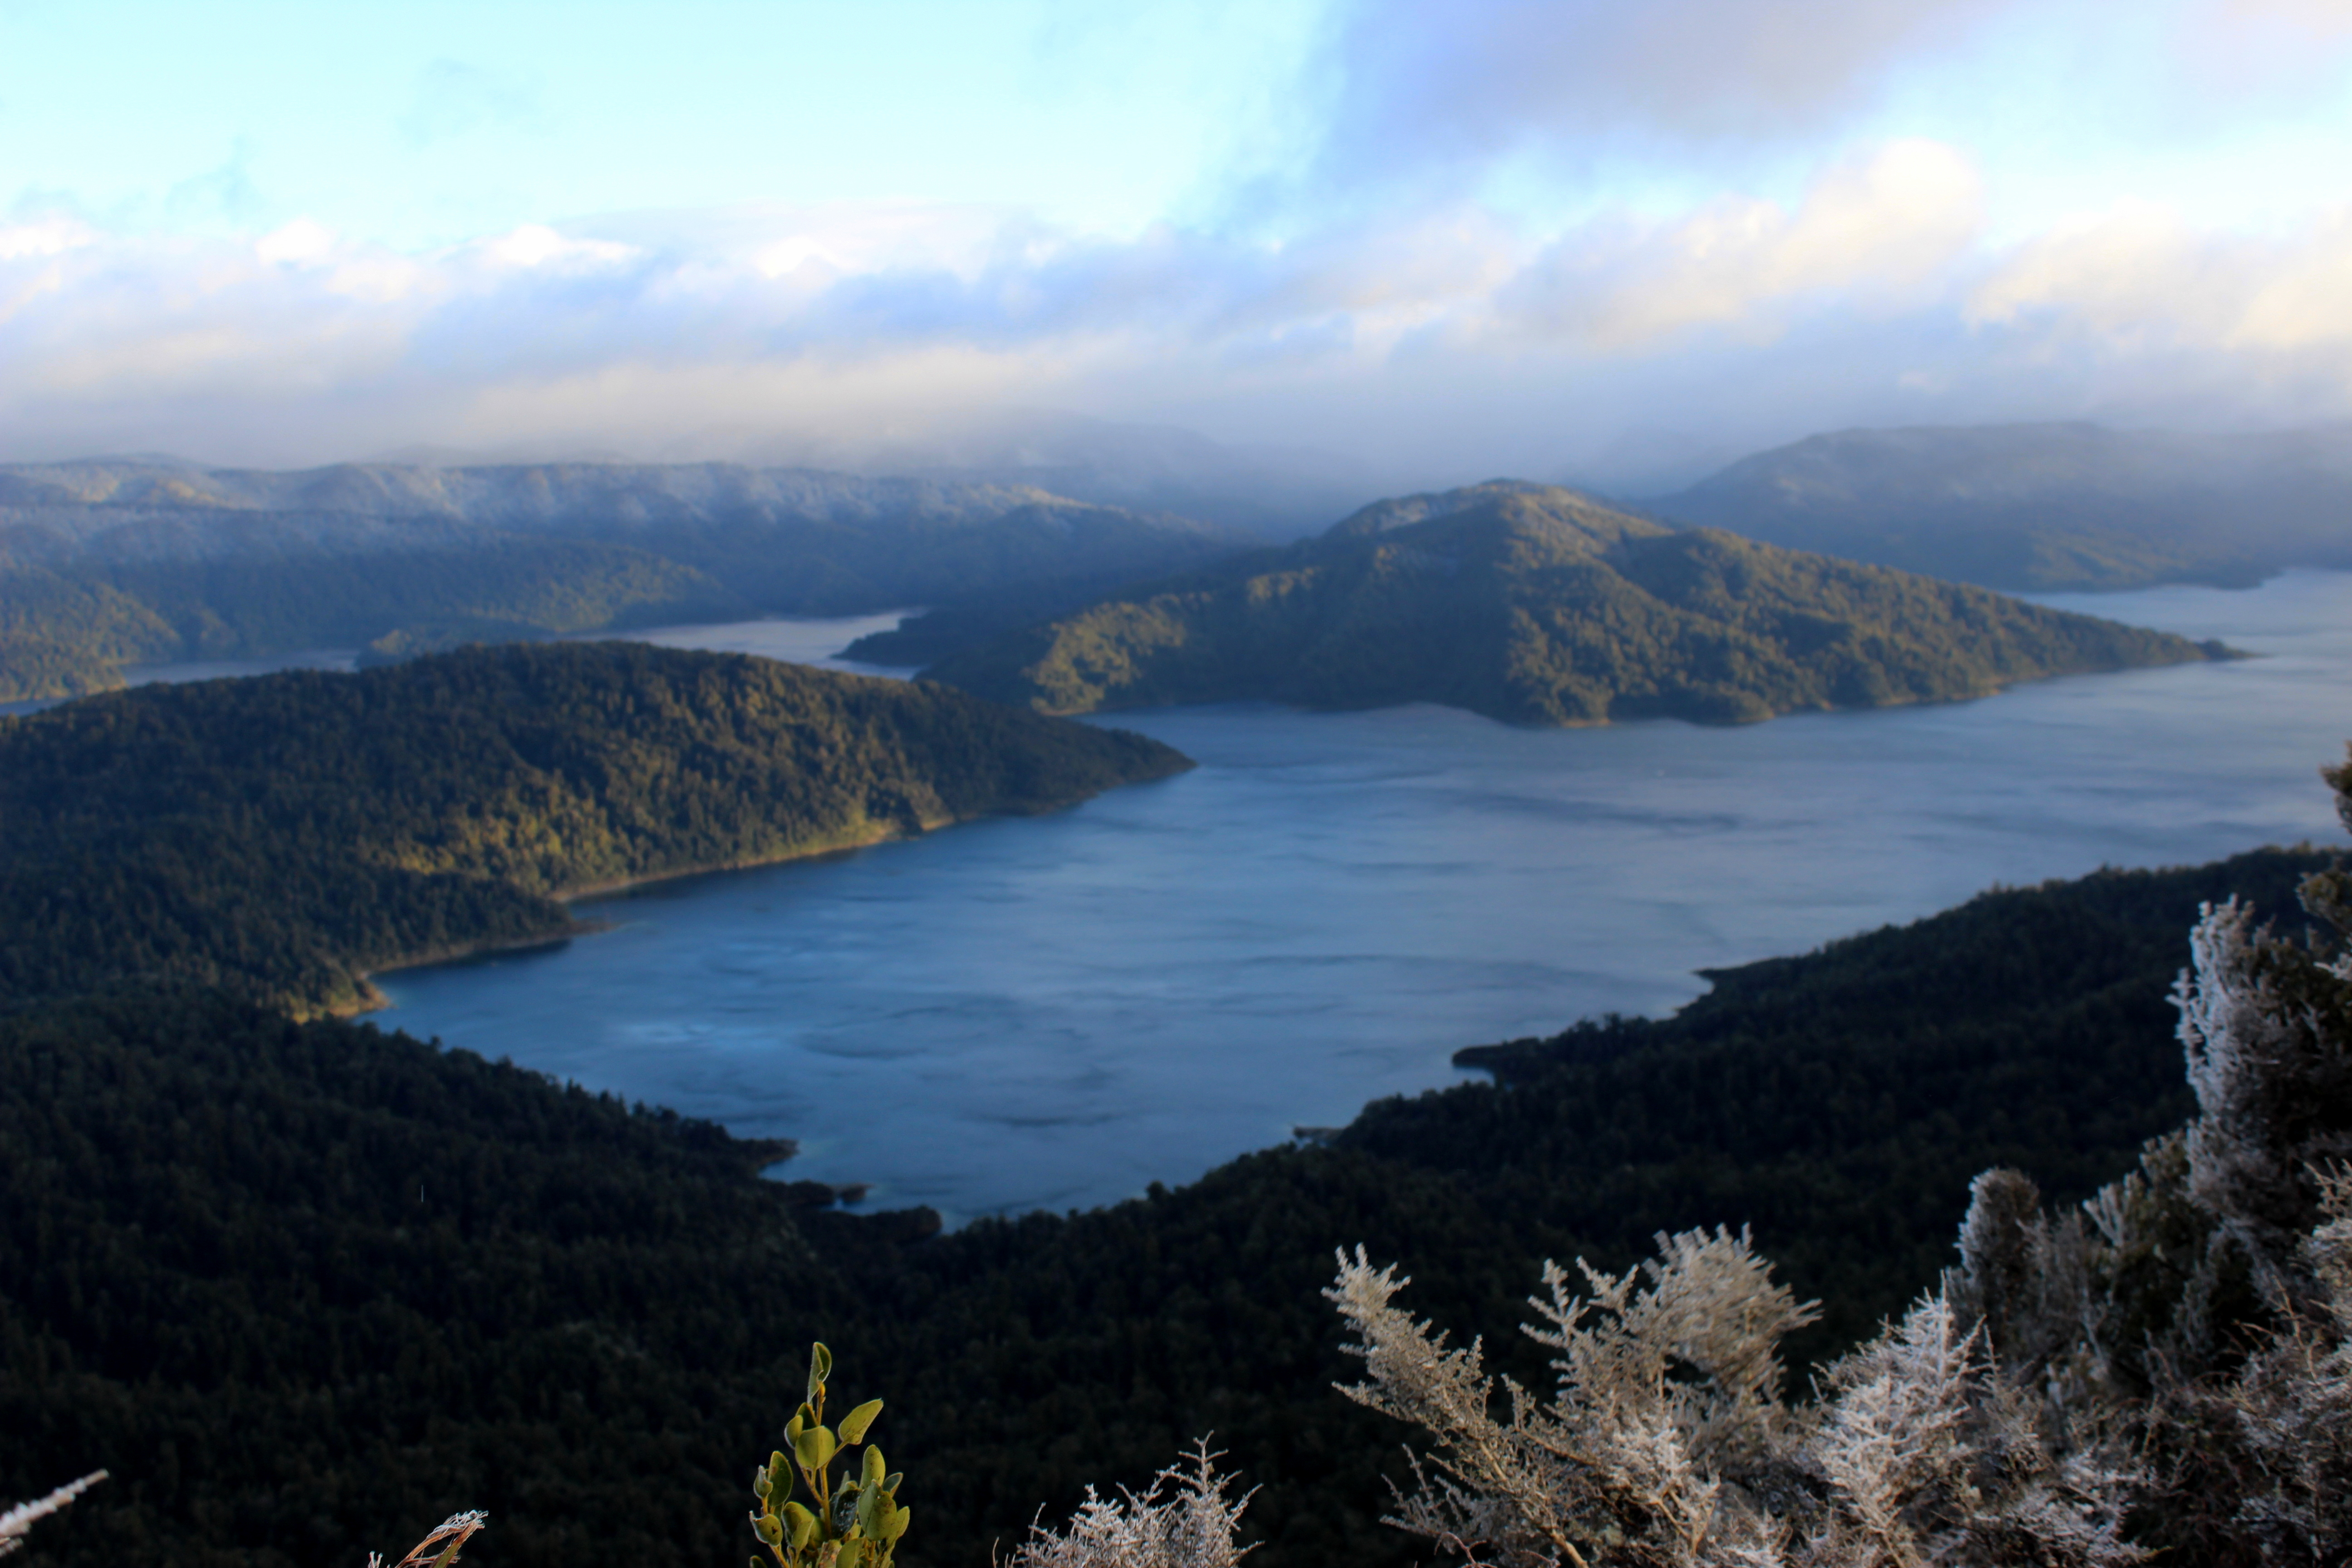 Lake Waikaremoana Great Walk – A Wandering Photograph